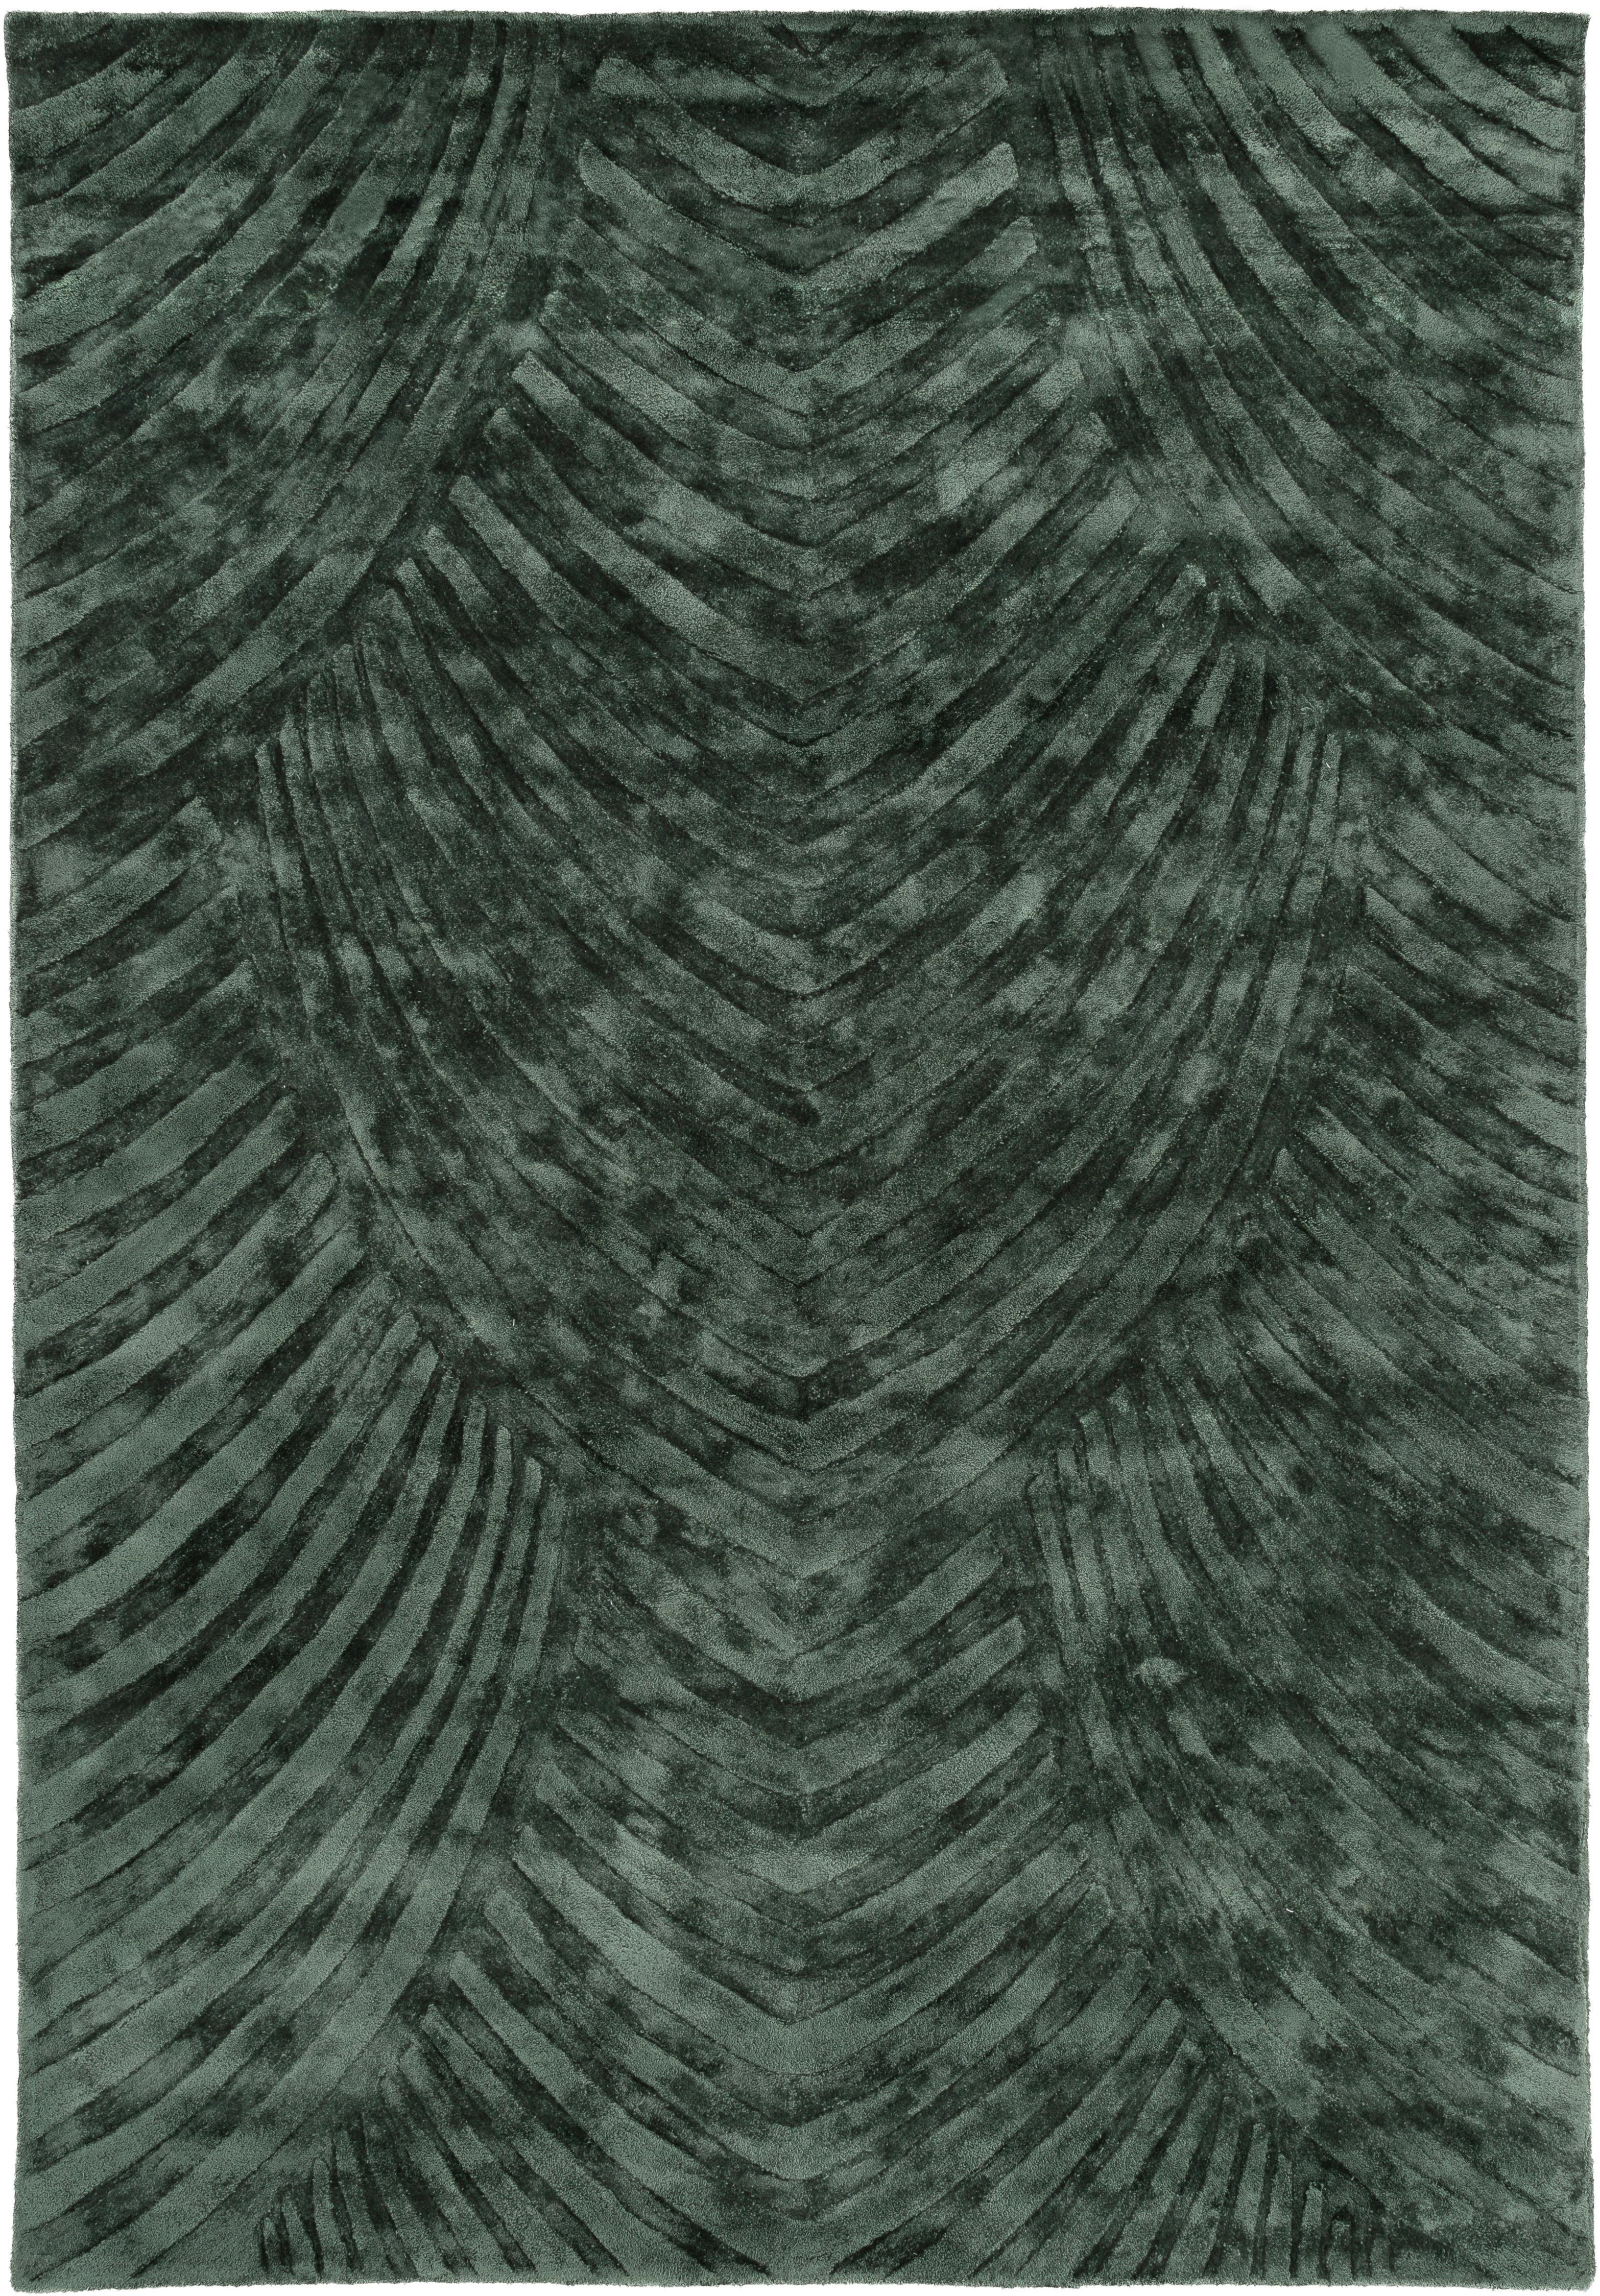 Handgetuft viscose vloerkleed Bloom, Bovenzijde: 100% viscose, Onderzijde: 100% katoen, Donkergroen, 120 x 180 cm